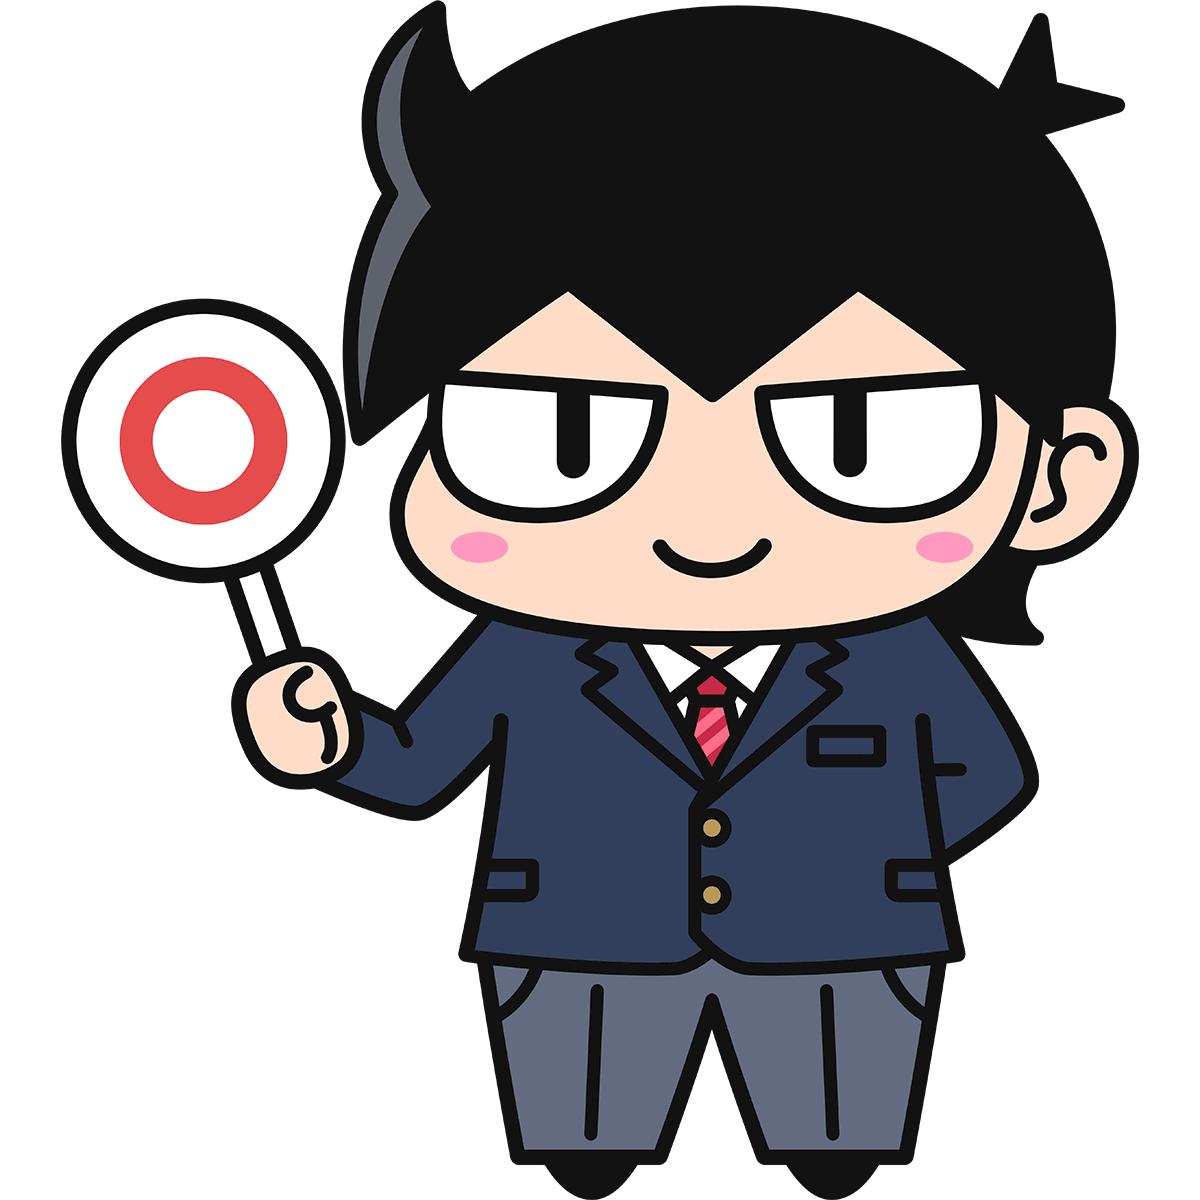 男子学生ダメオ(正解/ブレザー)の無料イラスト